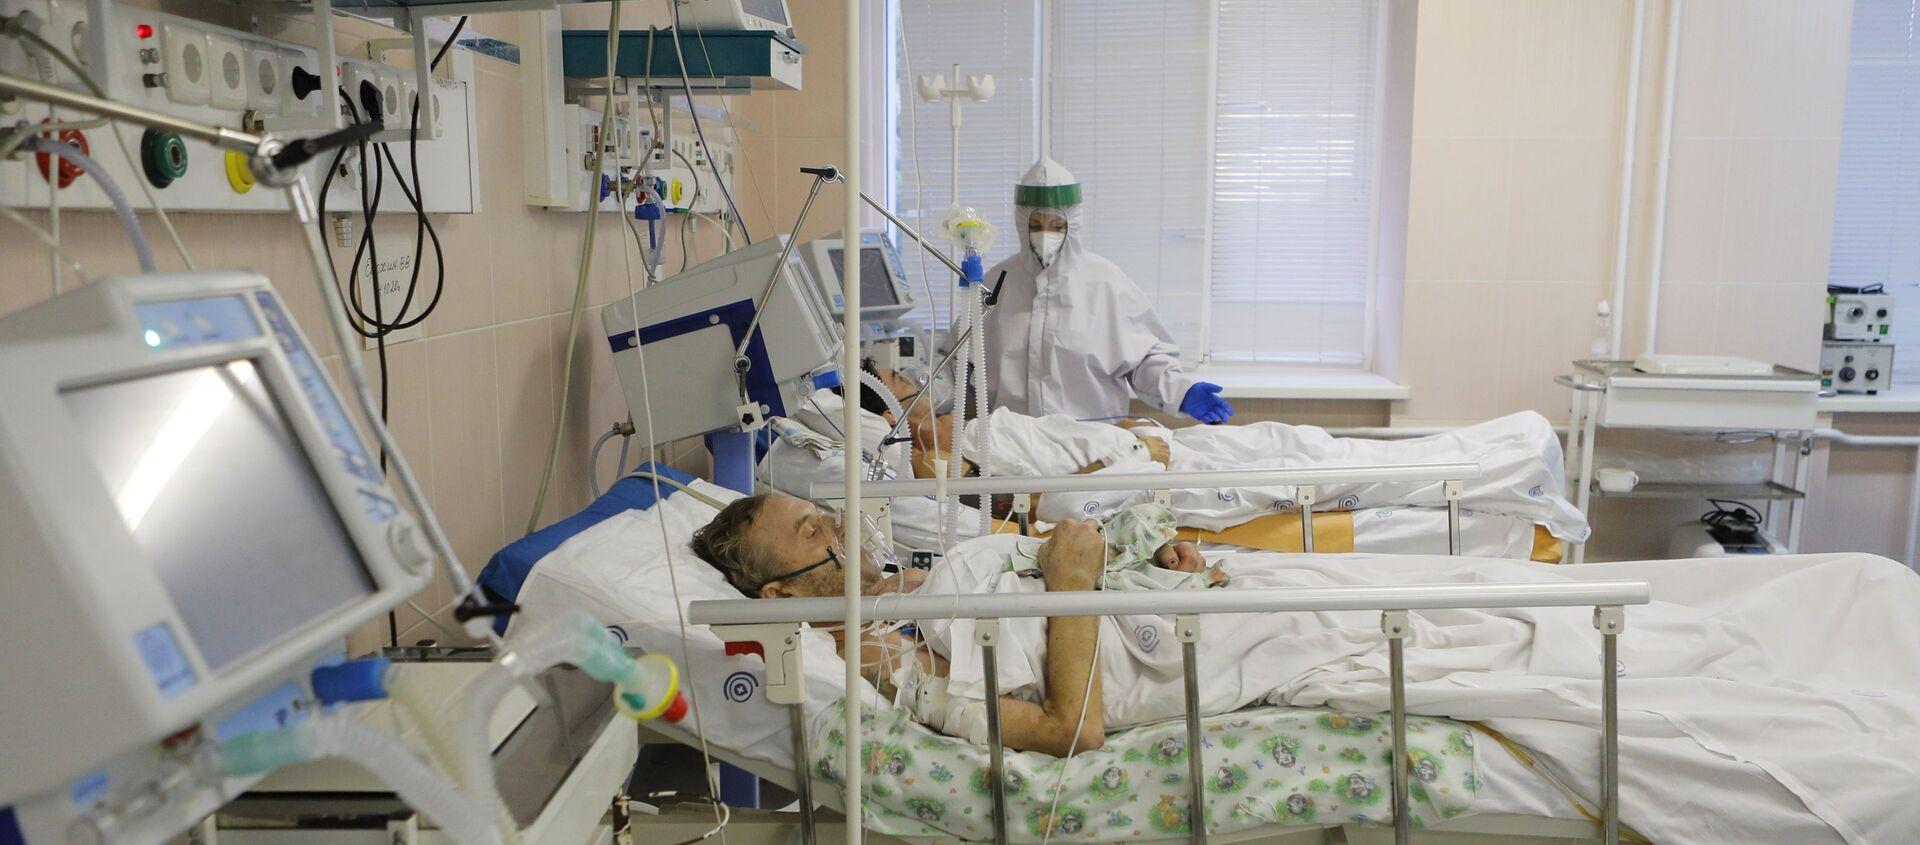 Malati di Covid-19 in un ospedale russo (foto d'archivio) - Sputnik Italia, 1920, 29.01.2021